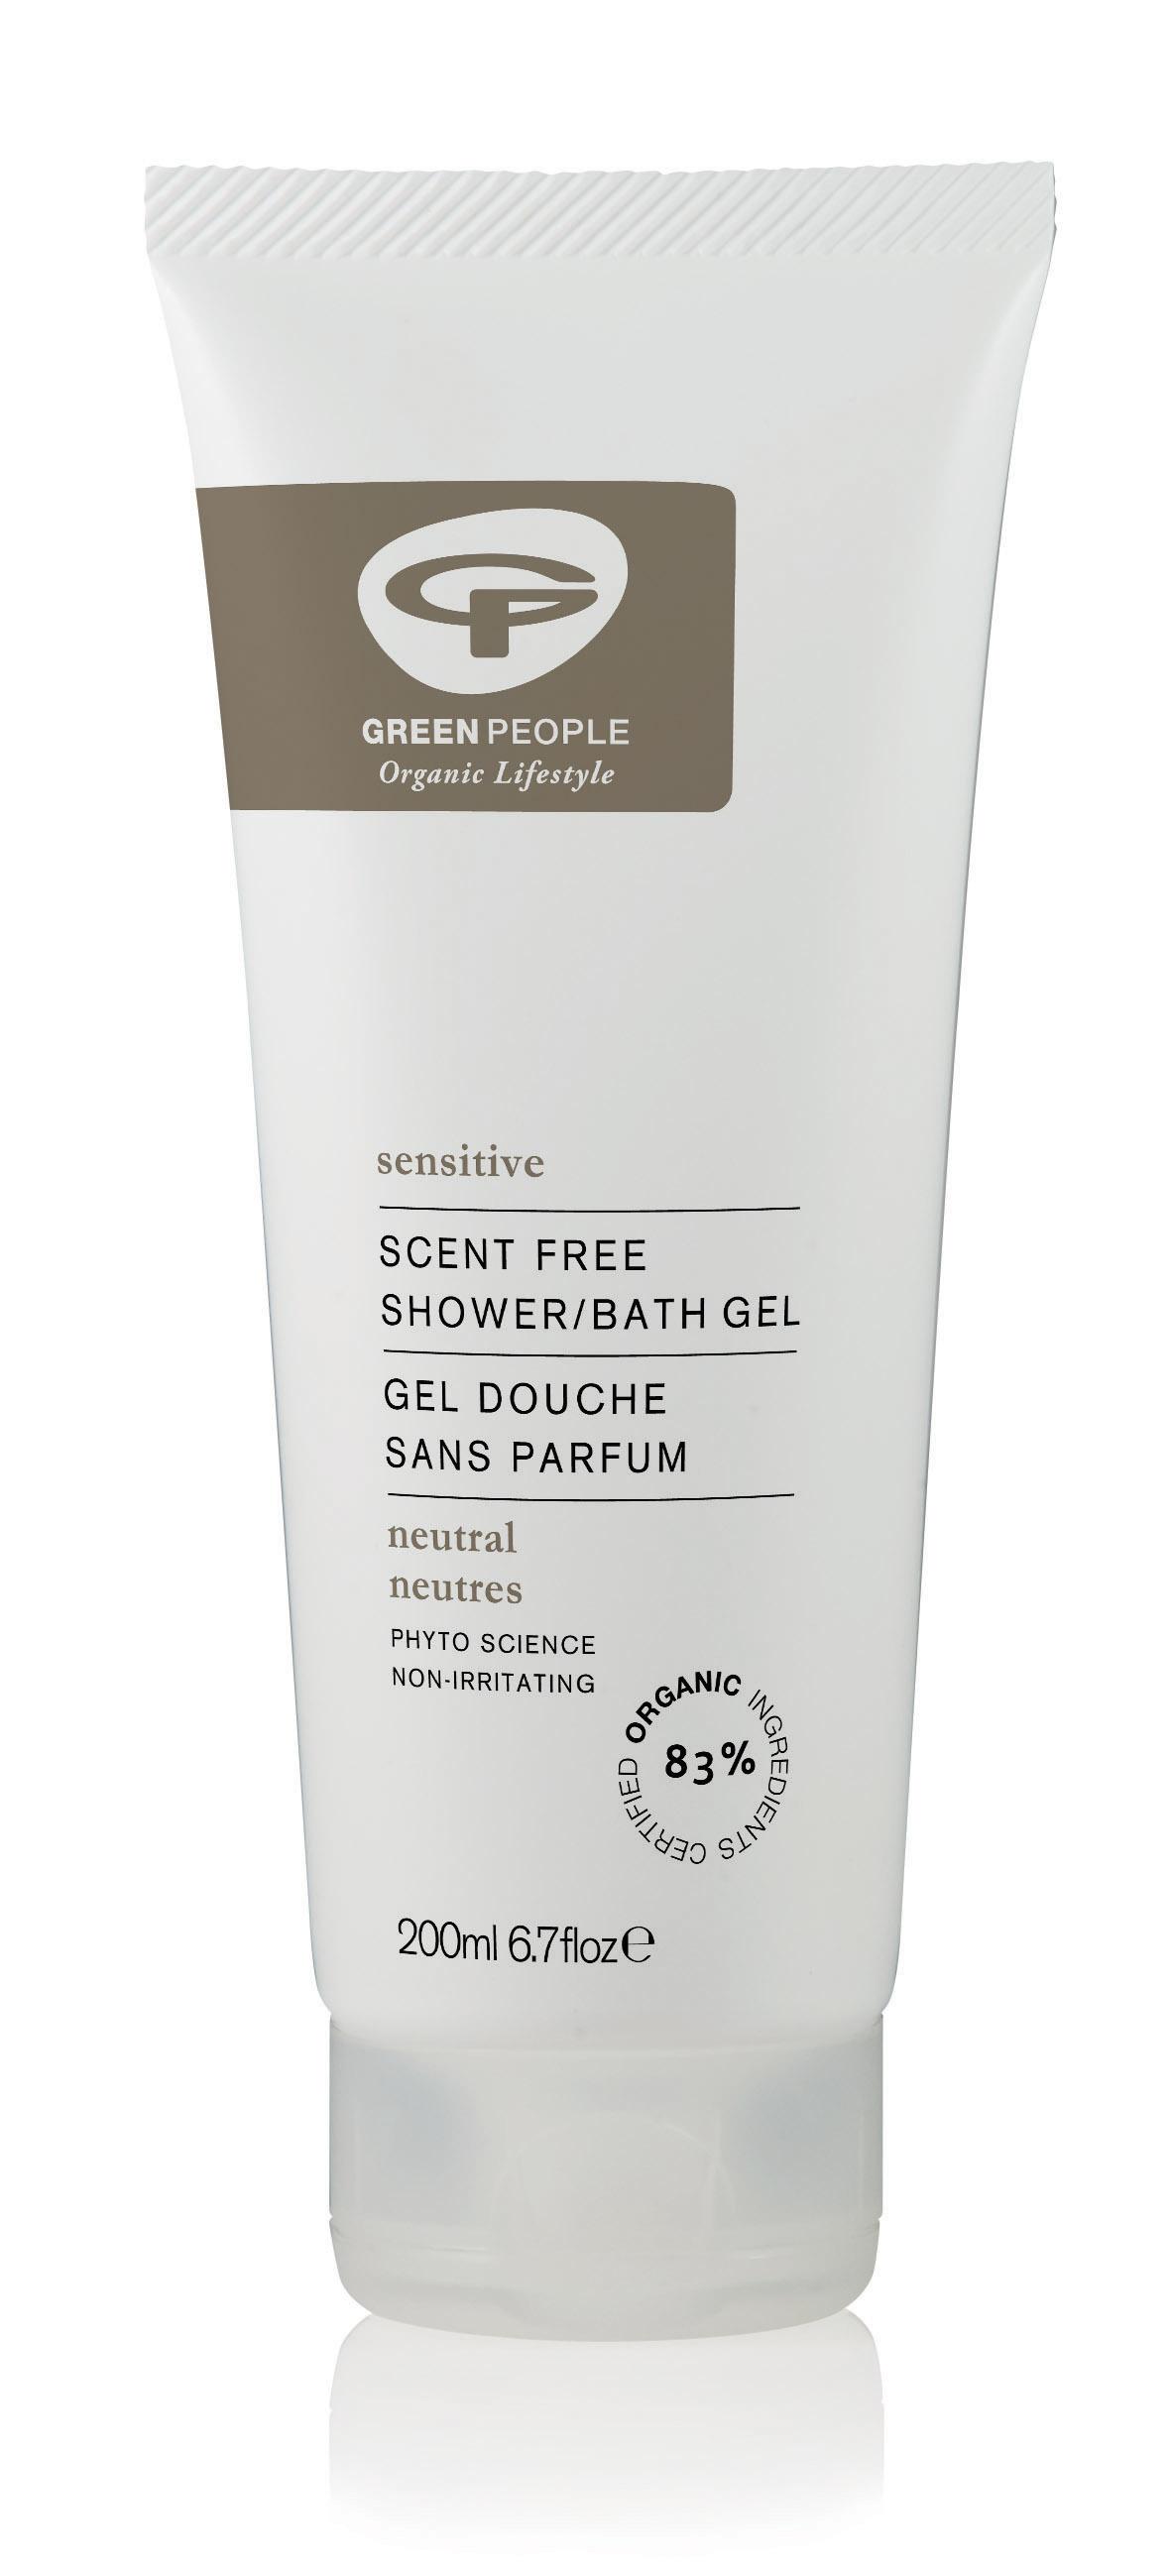 Scent Free Shower/ Bath Gel 200ml